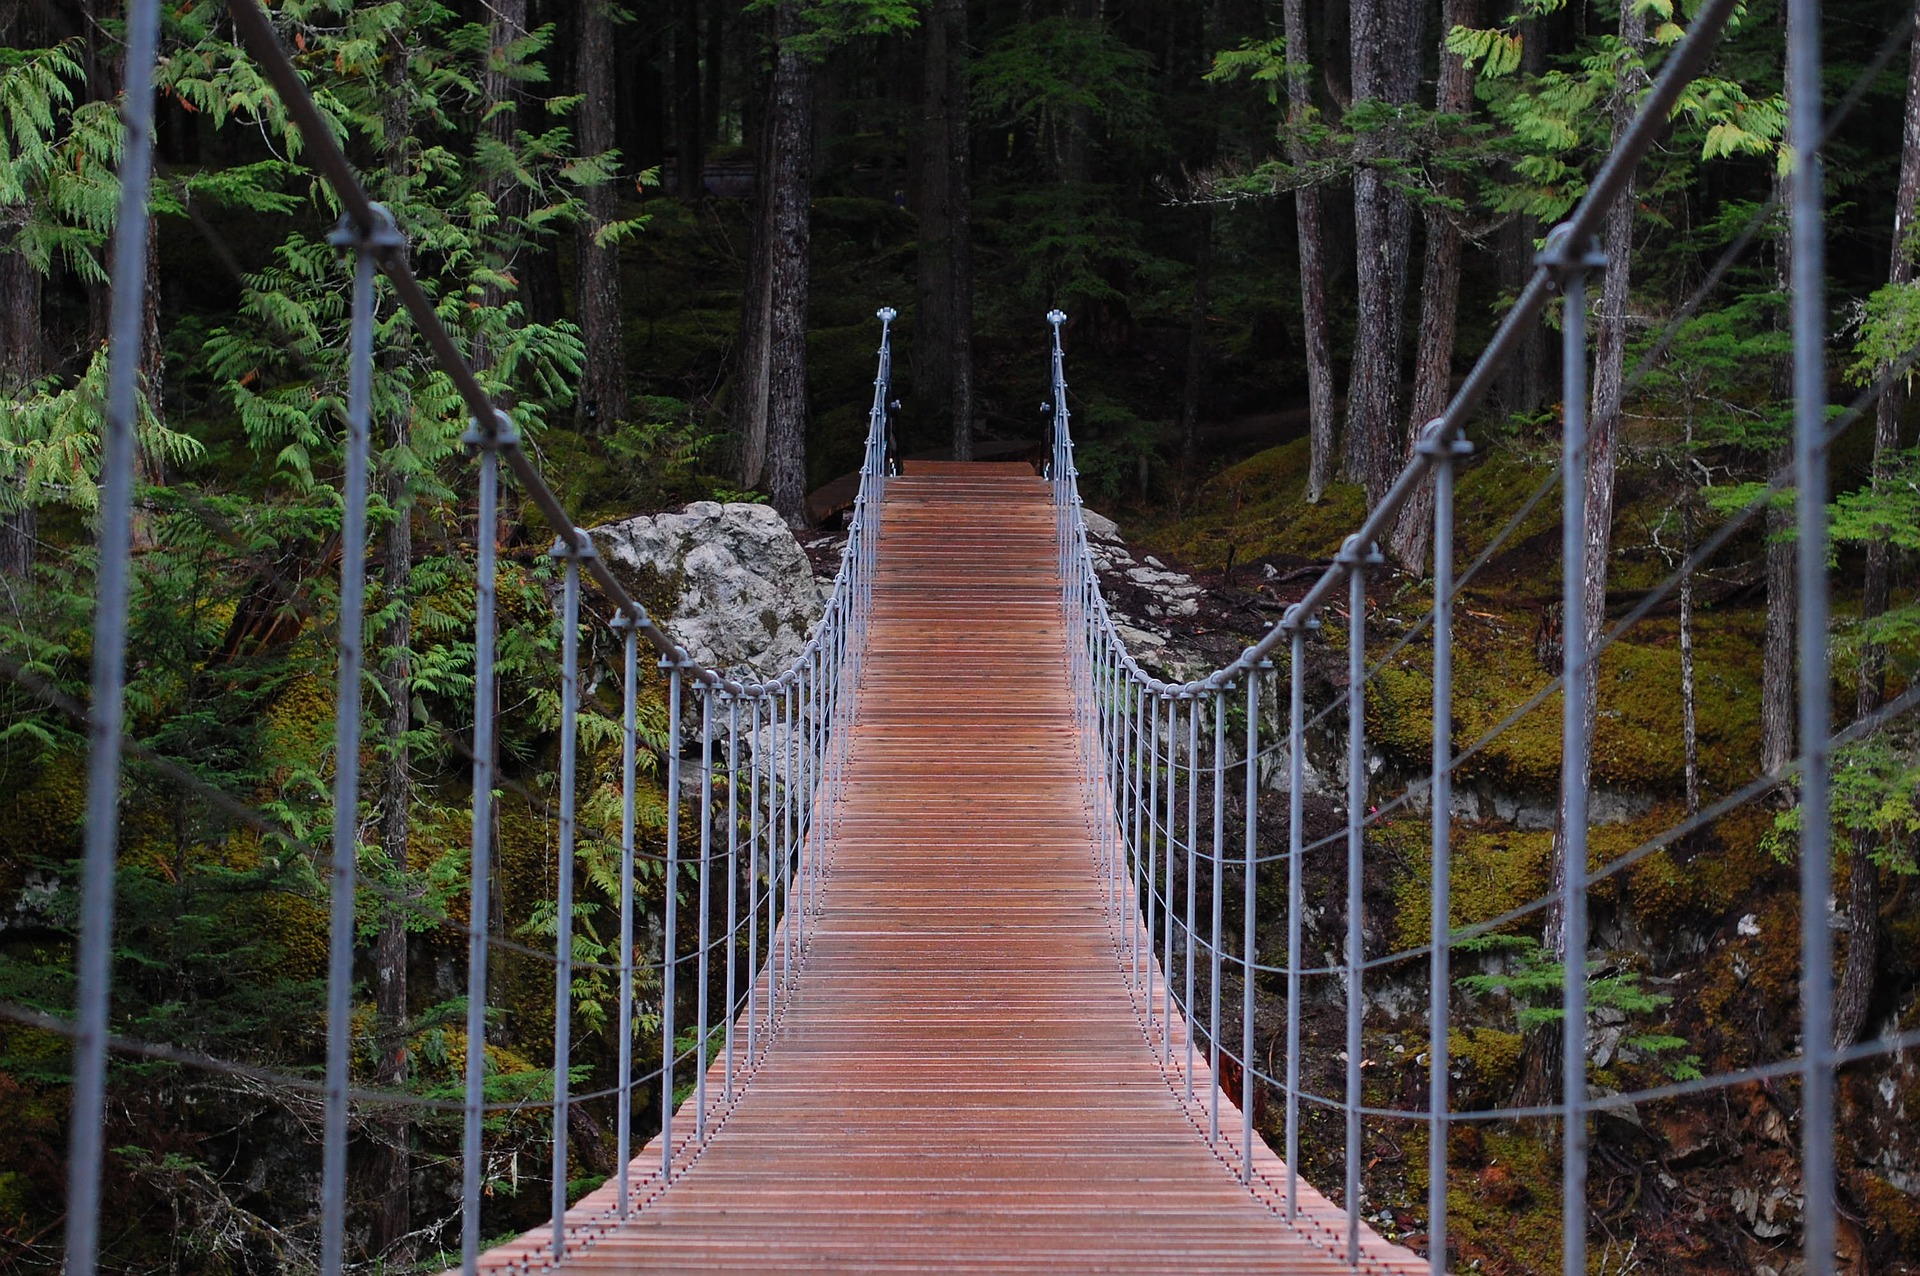 bridge-1980958_1920